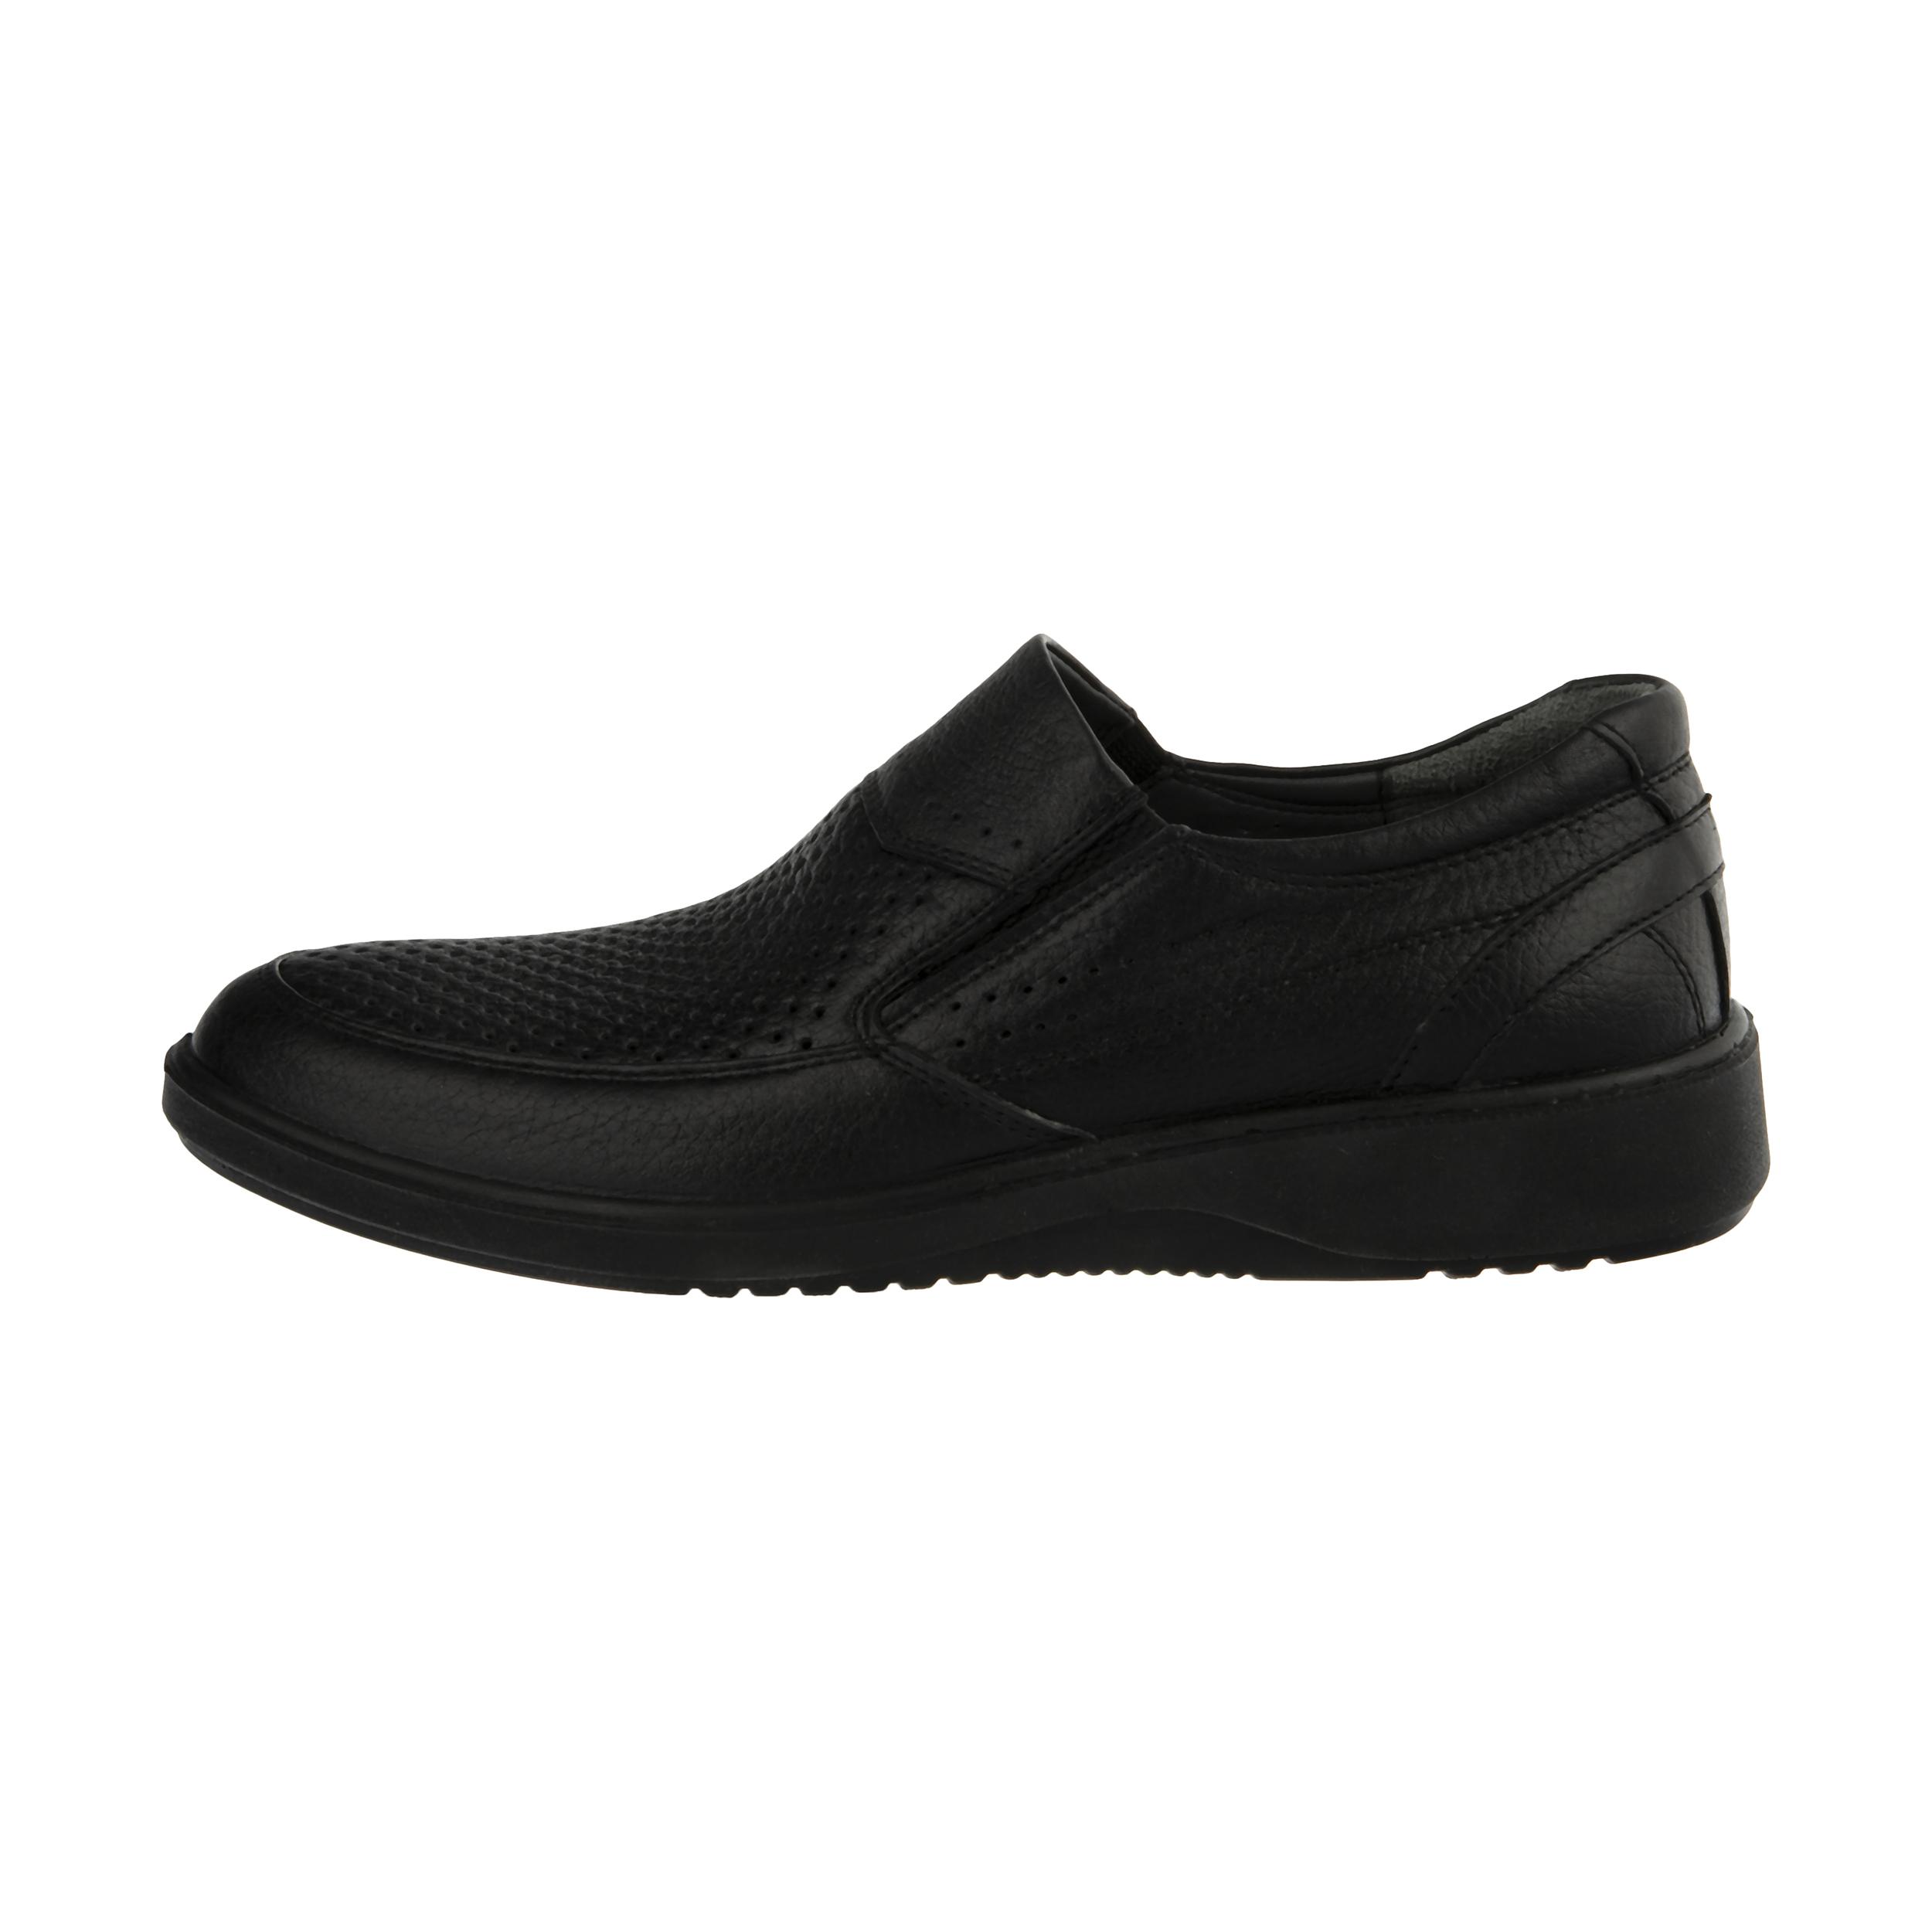 کفش روزمره مردانه دلفارد مدل 7m16i503101